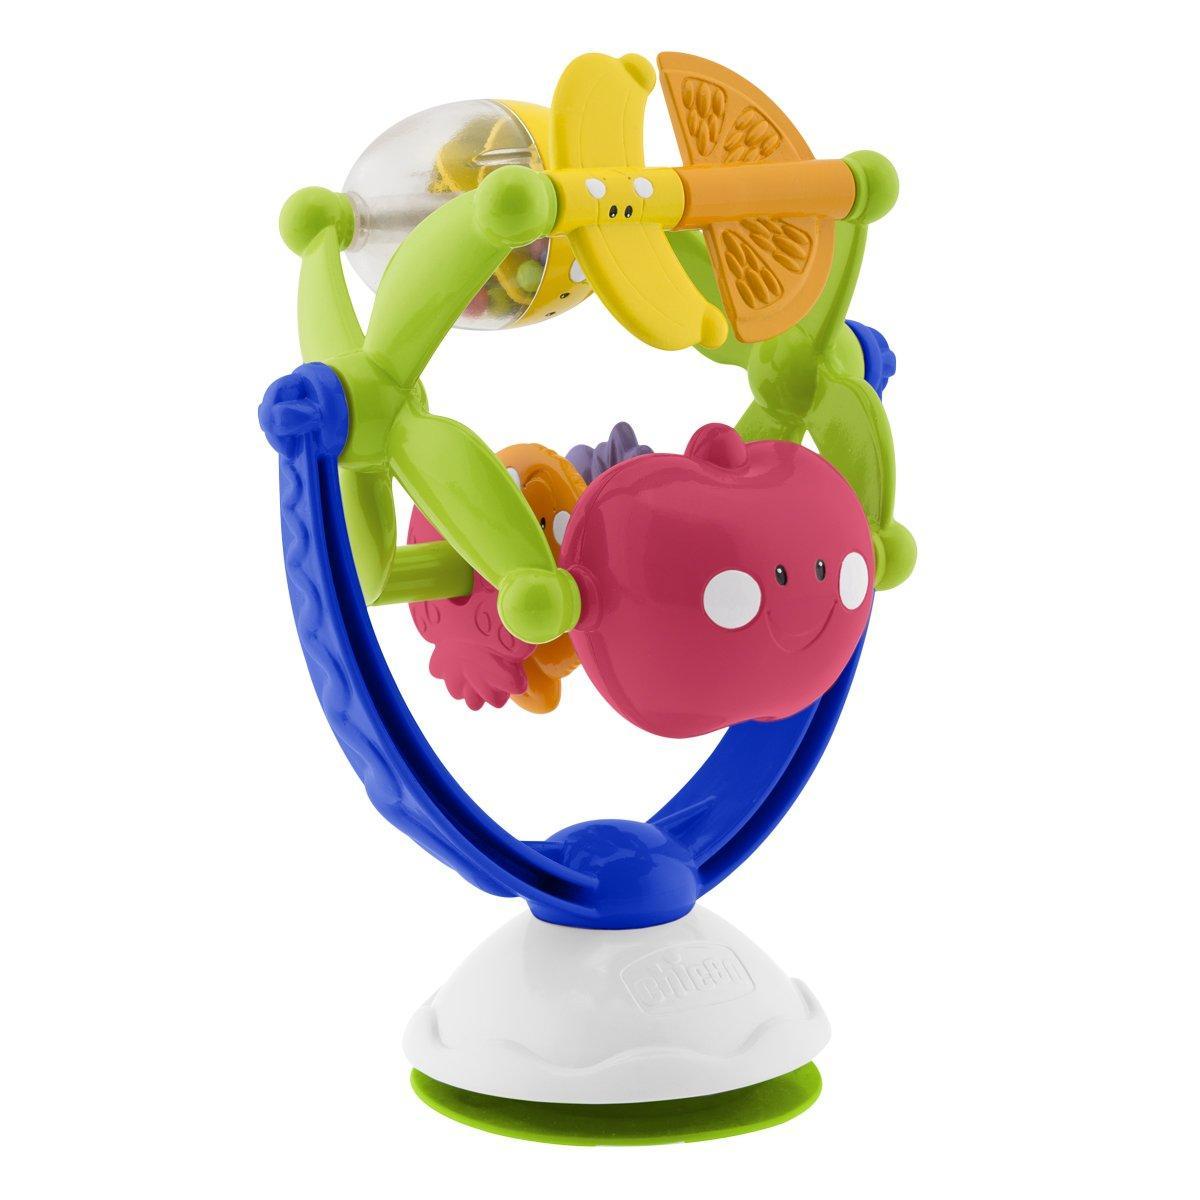 Іграшка Chicco Музичні фрукти